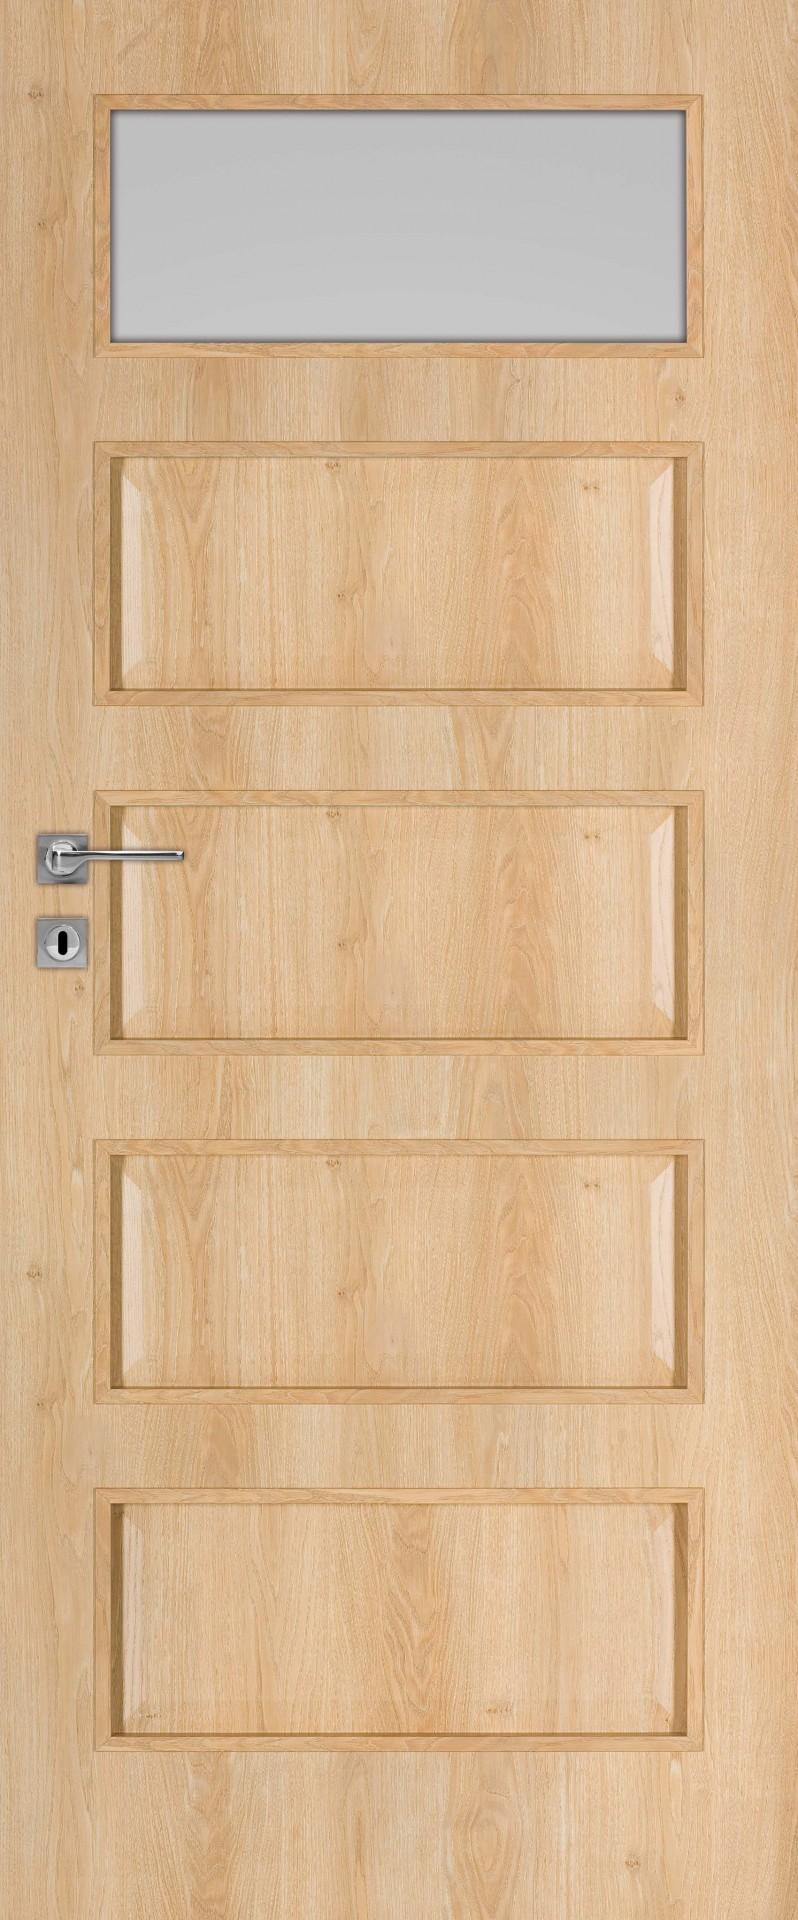 Dre dveře ALDEA 20, Šíře v cm 70